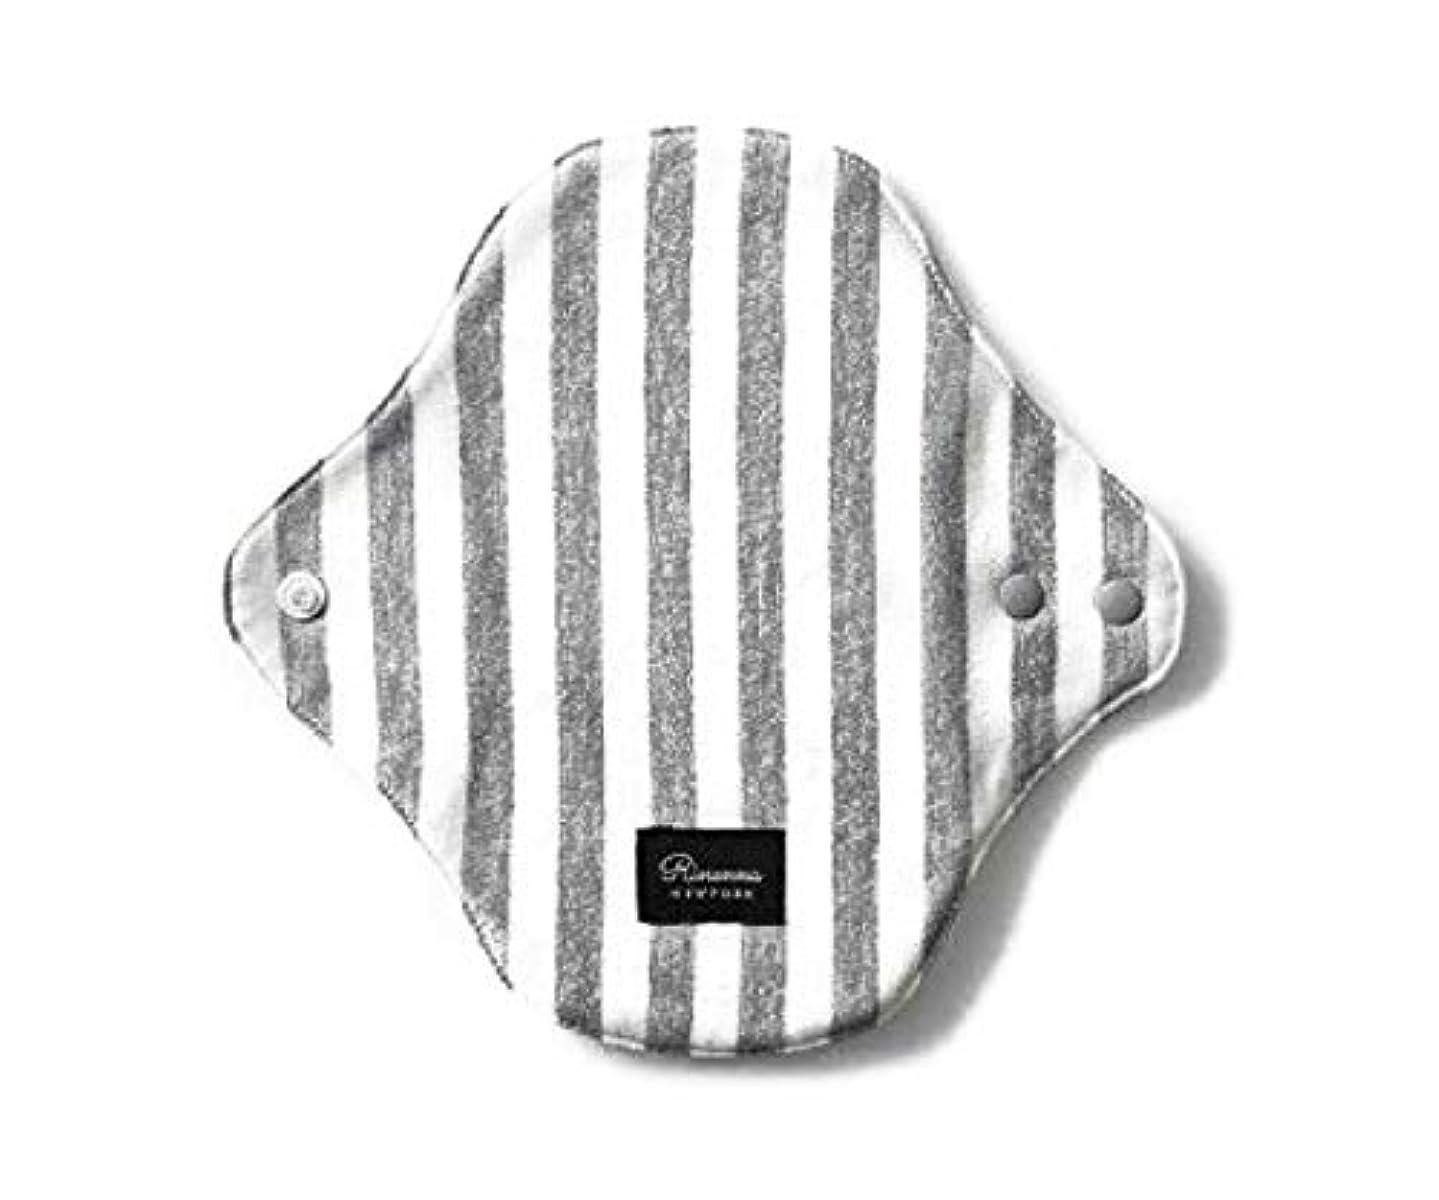 恐れるロデオ細分化するRinennaのつけごこちのいい布ナプキン(軽い日用?おりもの用)ストライプ黒 (ストライプグレー, 軽い日用?おりもの用)